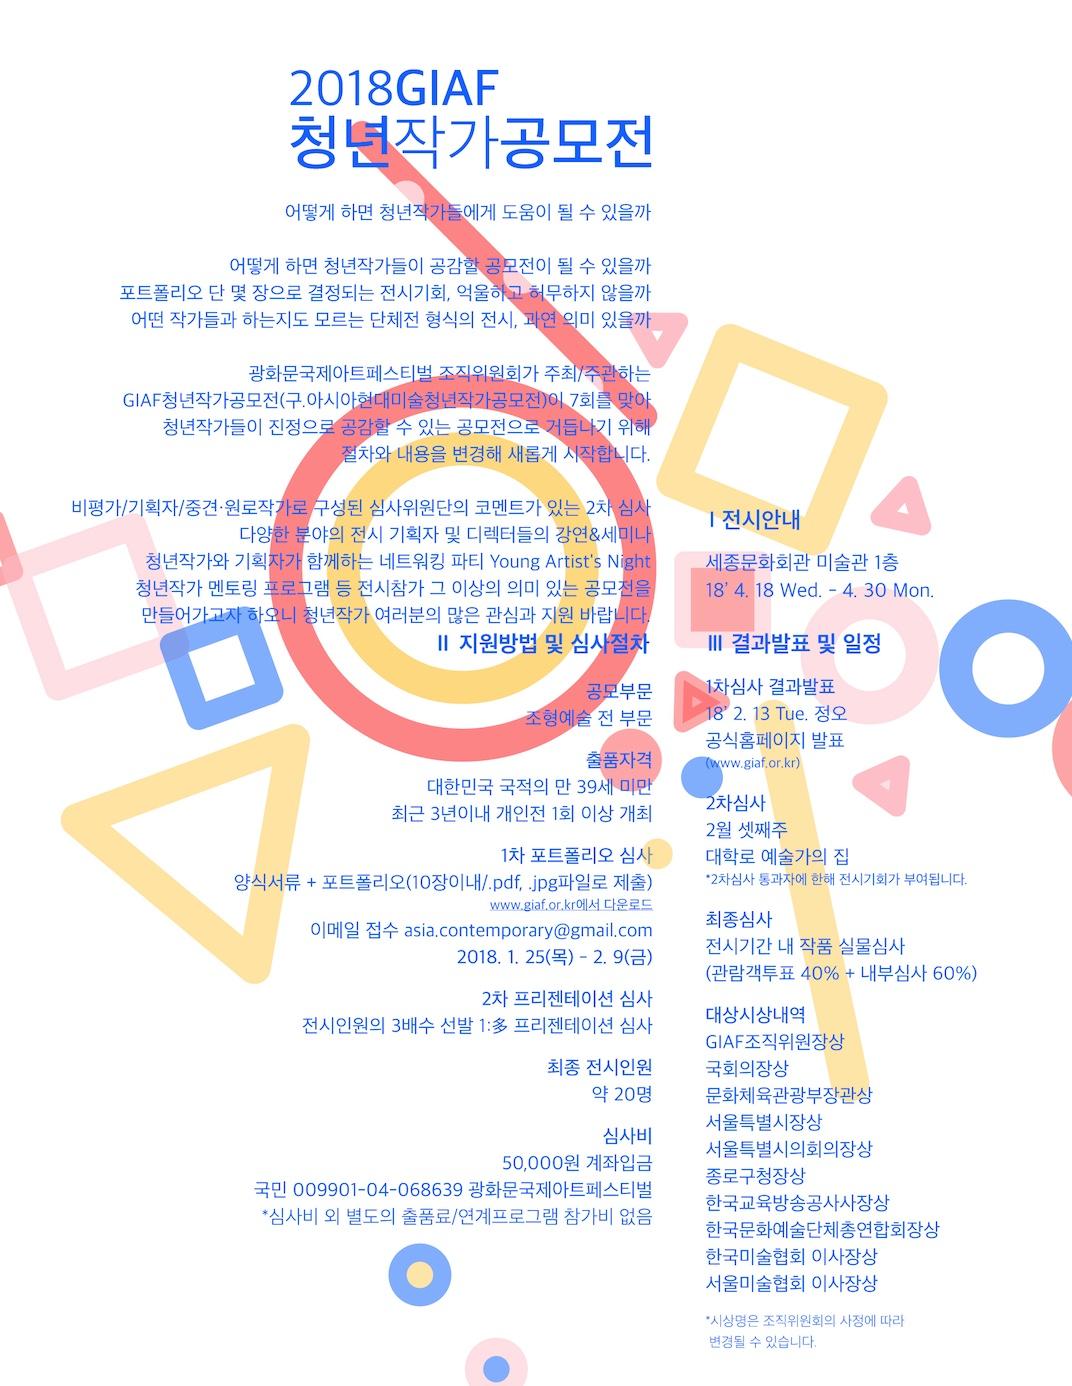 2018 광화문국제아트페스티벌(GIAF) 청년작가공모전